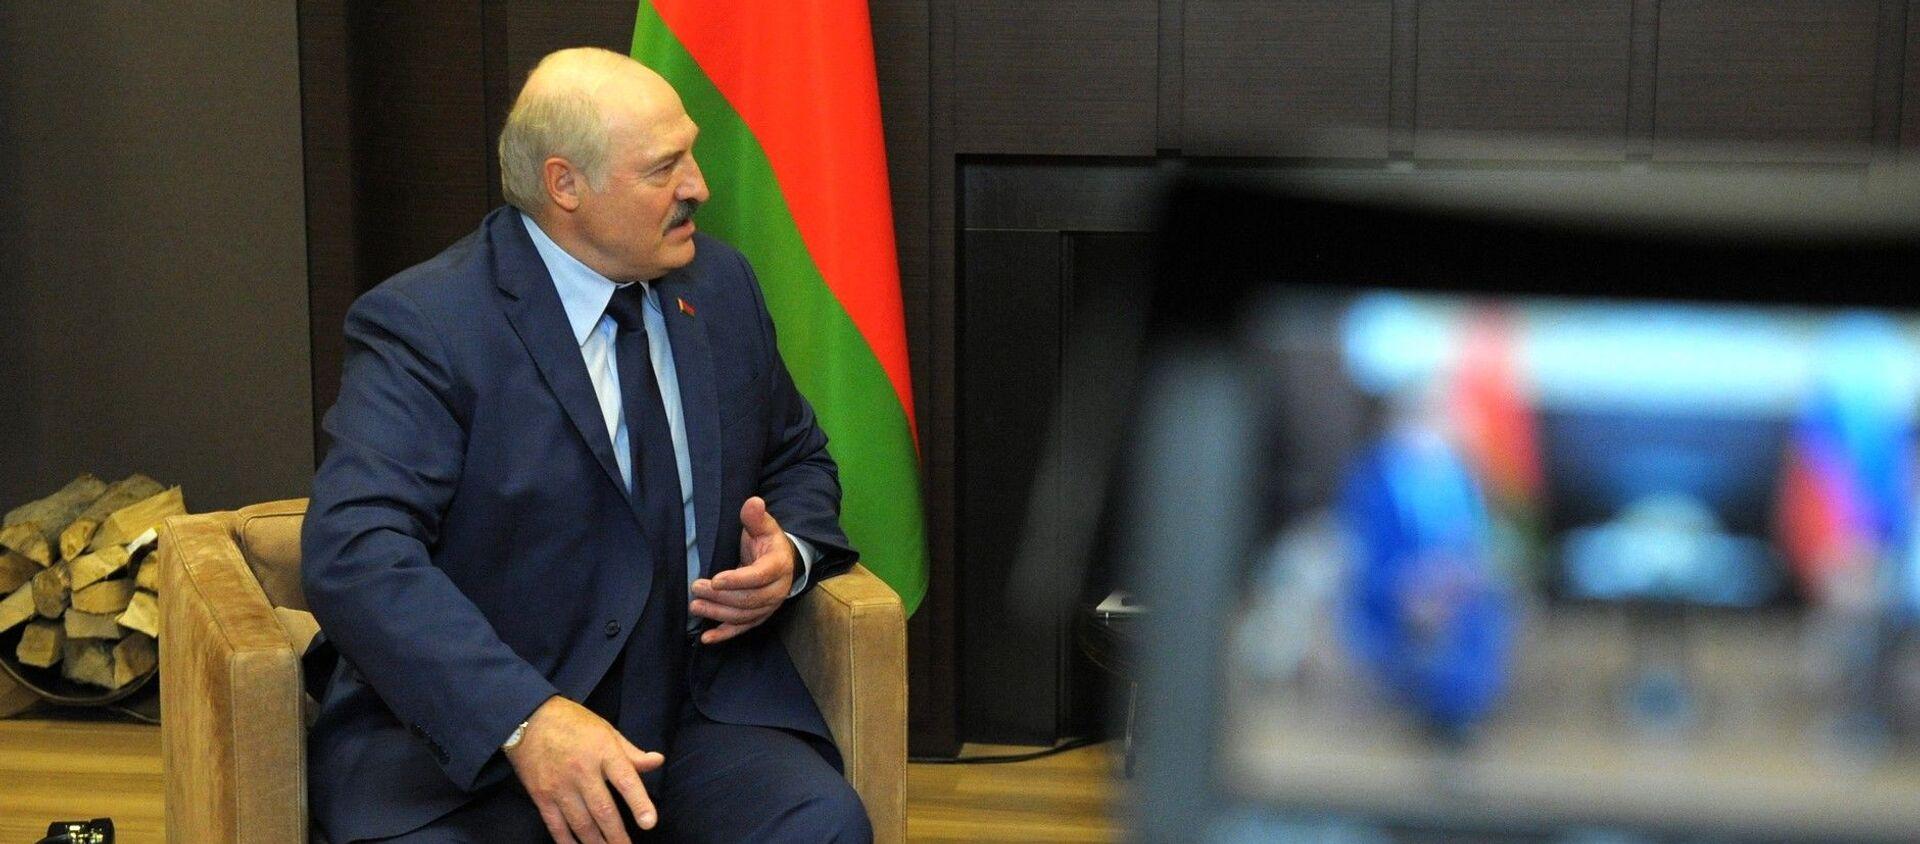 Prezydent Białorusi Alaksandr Łukaszenka podczas spotkania z prezydentem Rosji Władimirem Putinem - Sputnik Polska, 1920, 01.06.2021